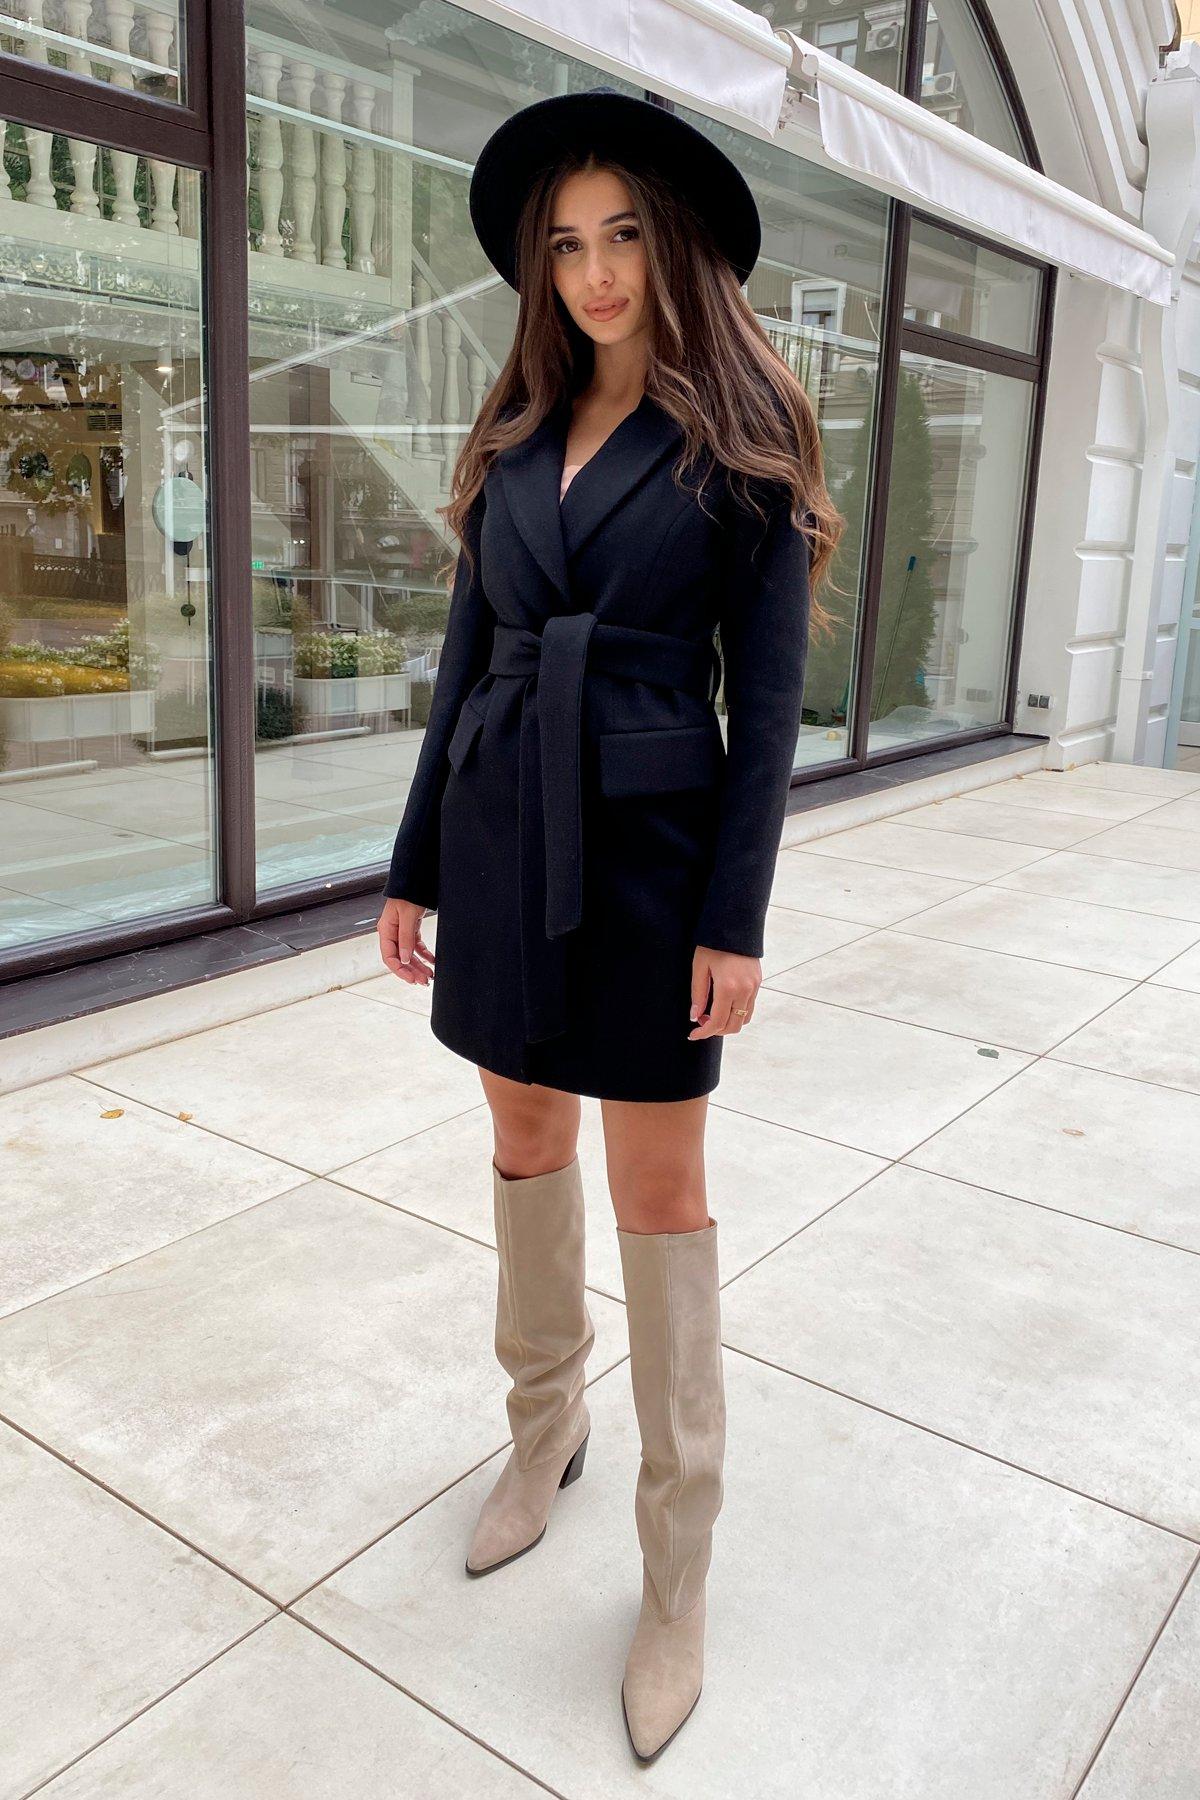 Корси пальто из кашемира 9794 АРТ. 46080 Цвет: Черный - фото 1, интернет магазин tm-modus.ru